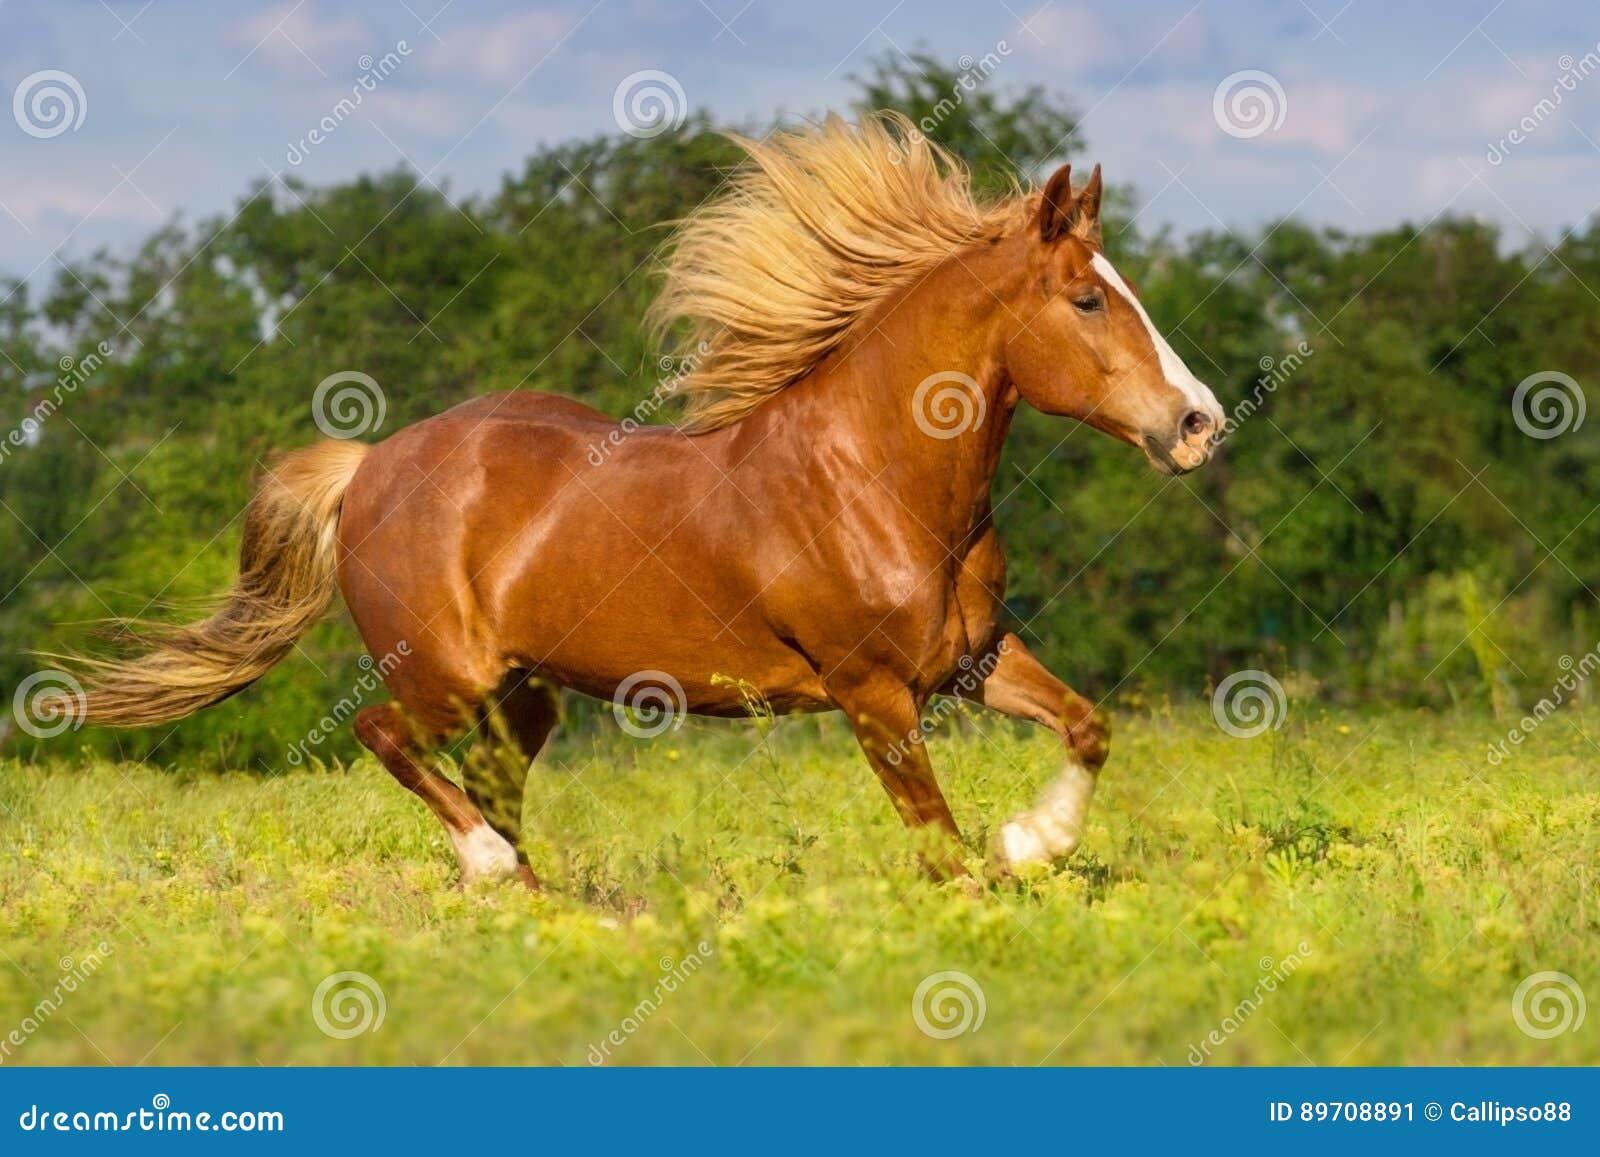 Rotes Pferd mit langem Hauptleitungslauf